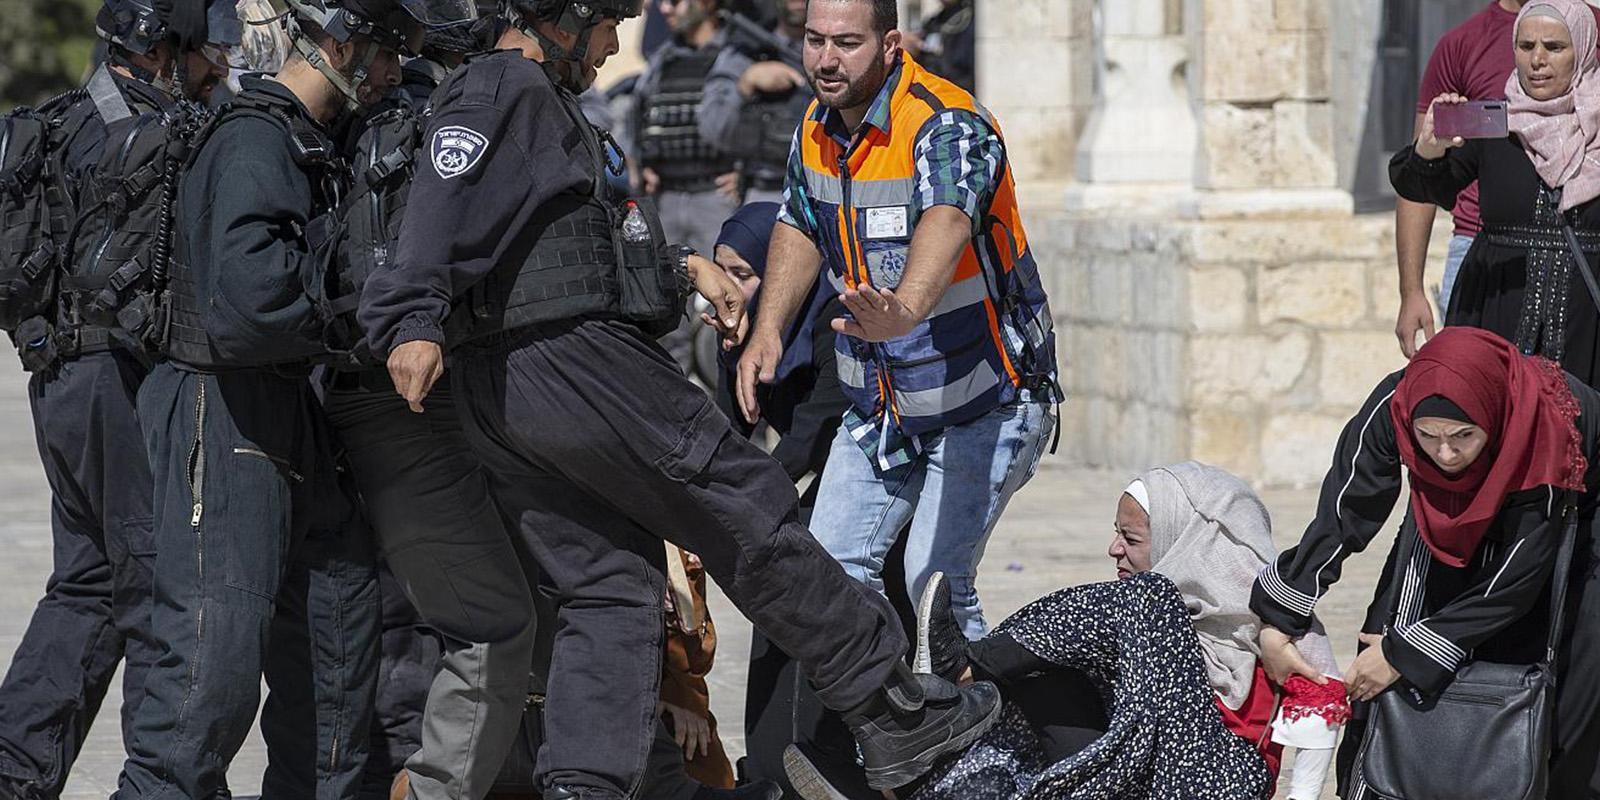 İsrail polisinden Mescid-i Aksa'ya saldırı: Namaz kılan cemaate gaz ve ses bombası attılar!